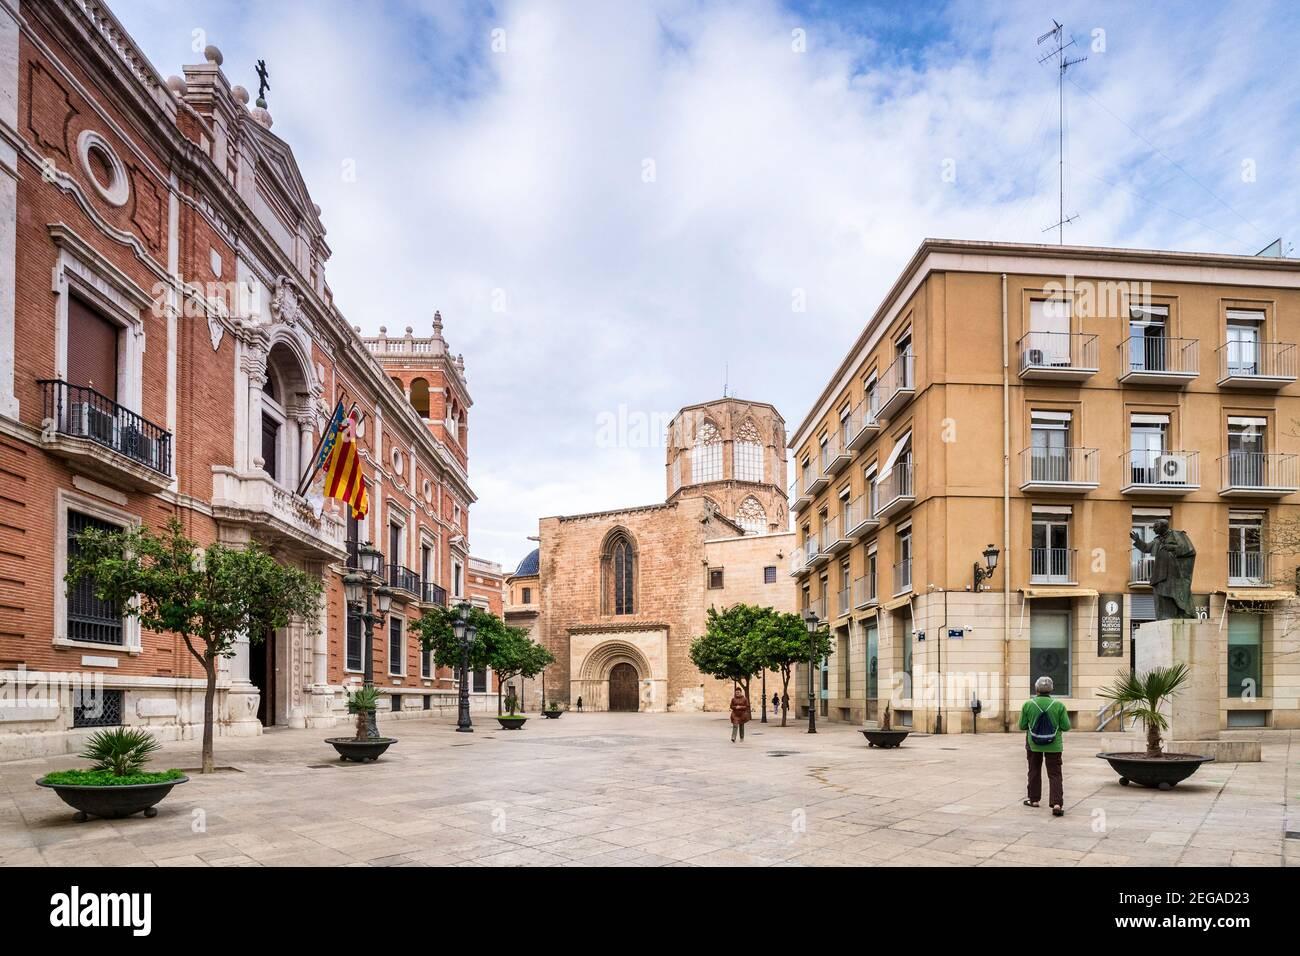 3 de marzo de 2020: Valencia, España - Vista a lo largo de la calle Palau hacia la Catedral de Valencia, con las oficinas de la Arquidiócesis de Valencia a la izquierda. Foto de stock